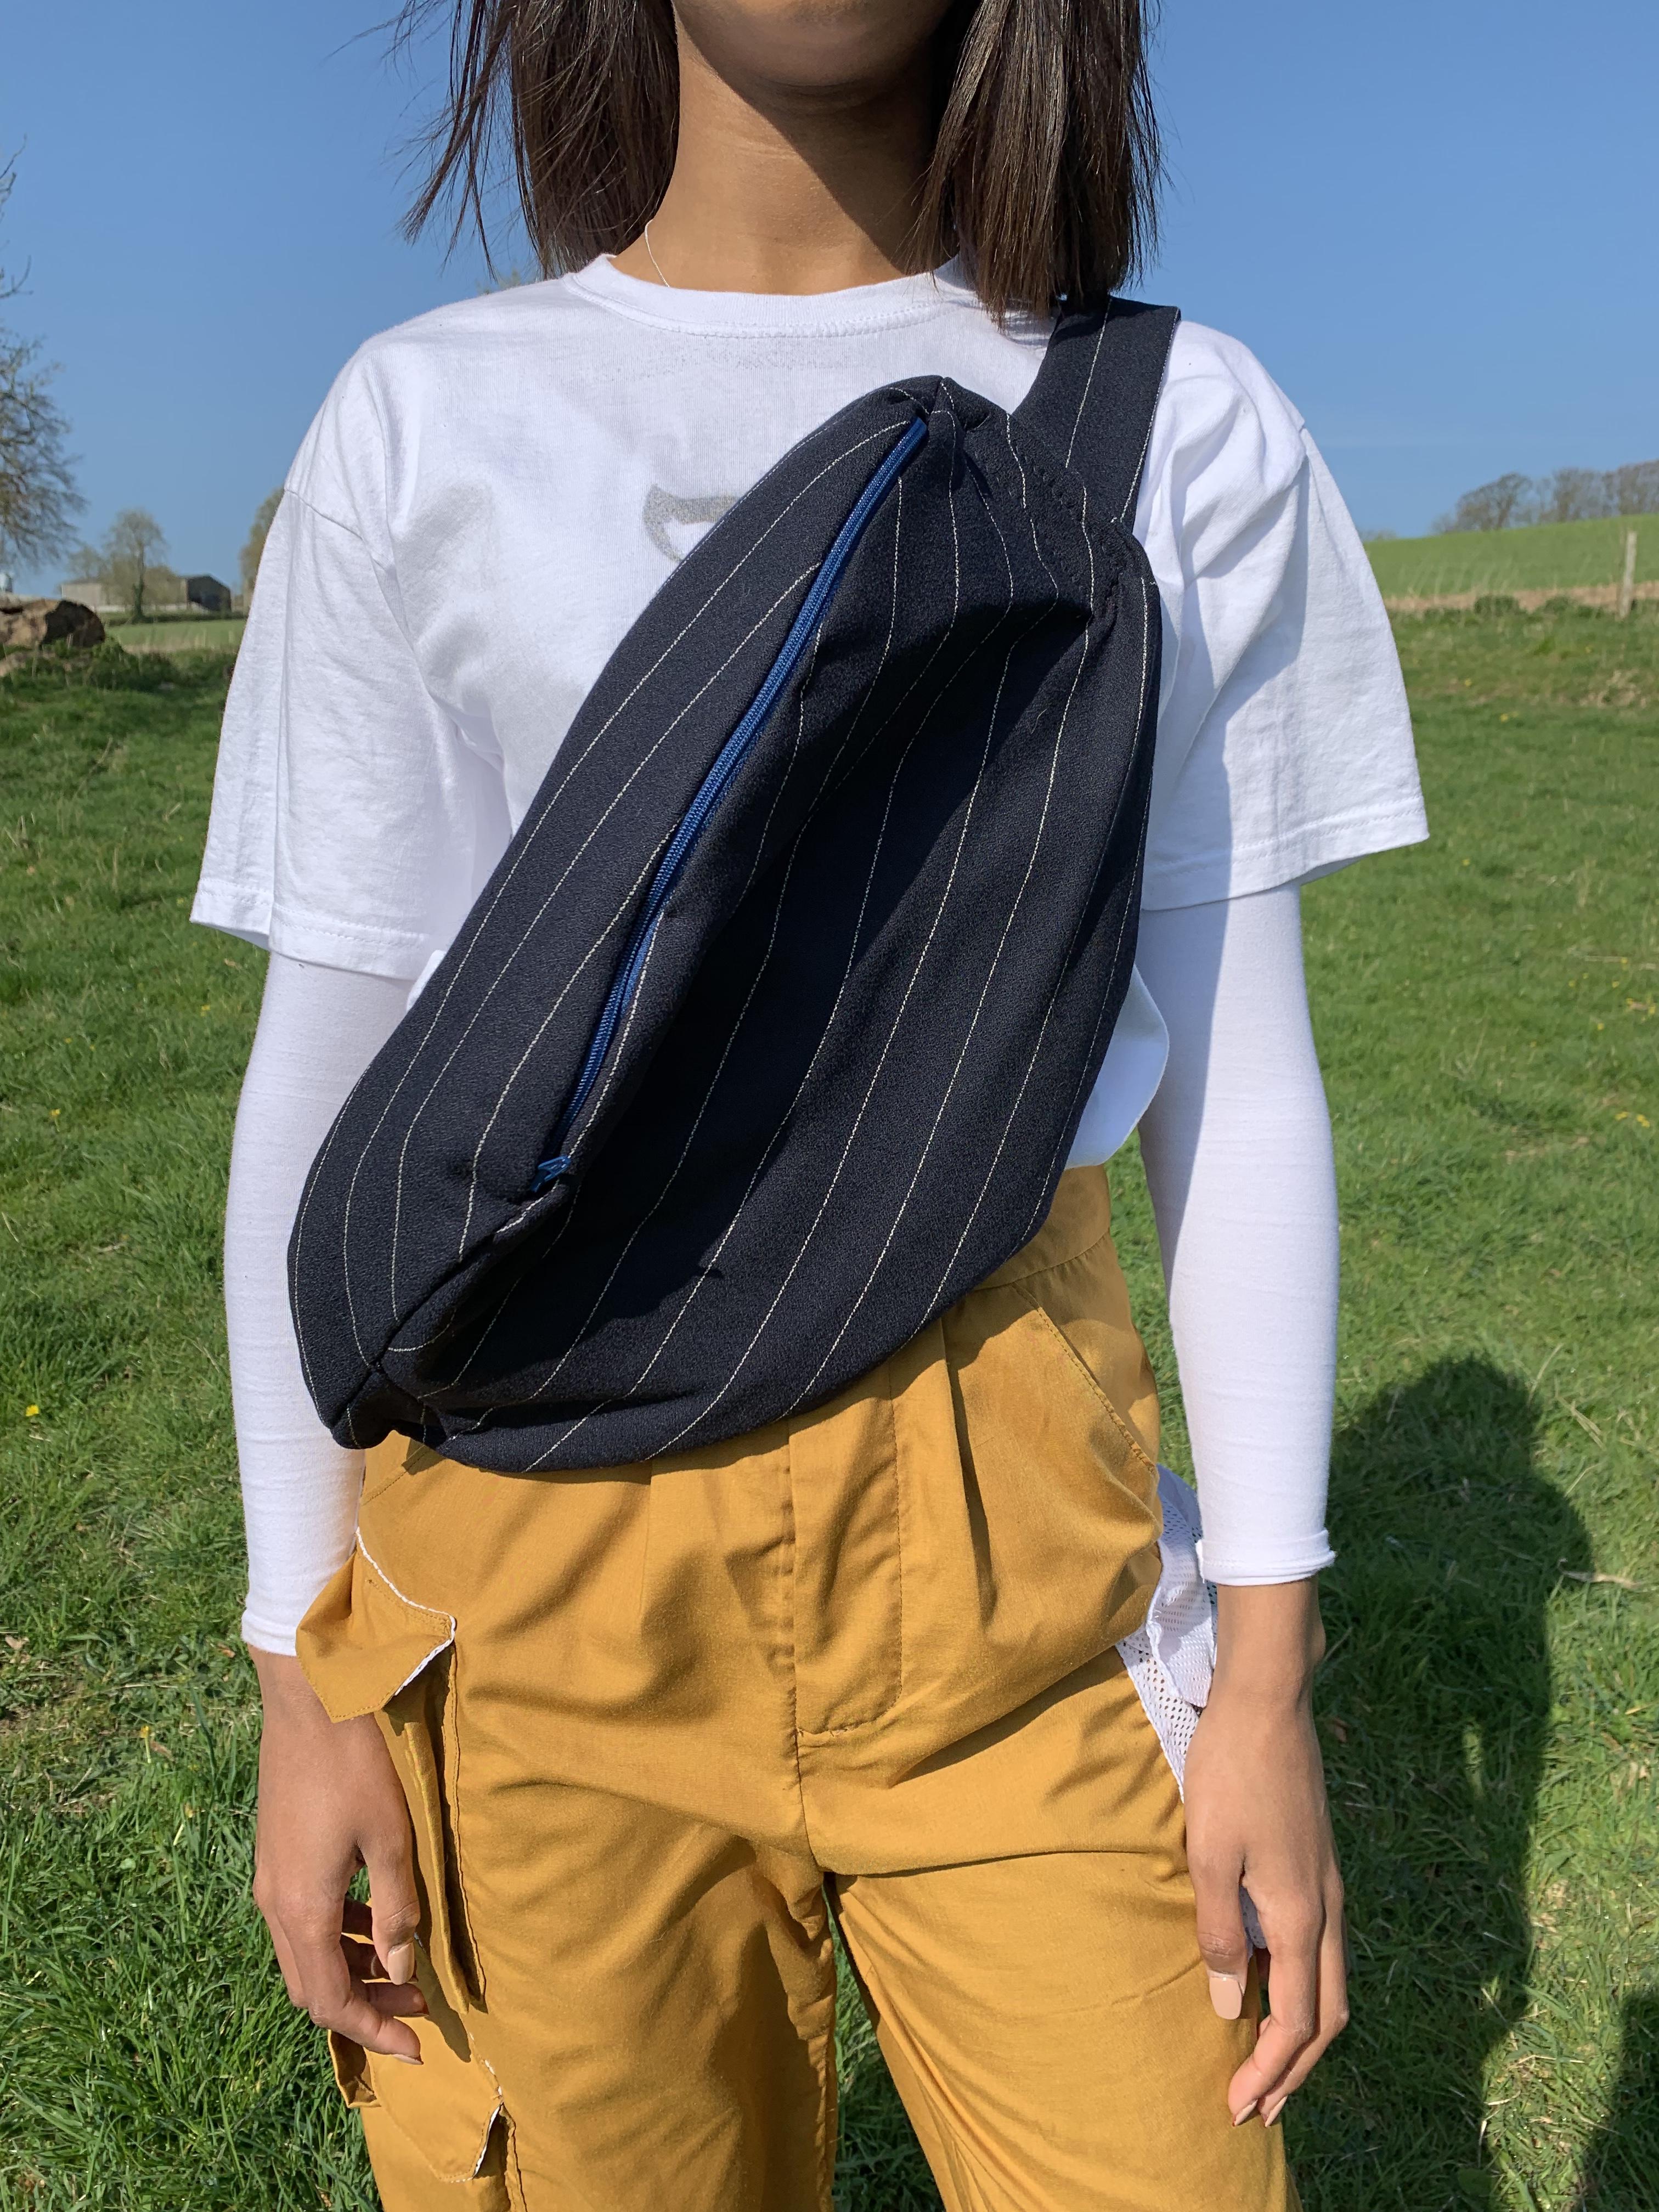 AW1920 I like your Bum Bag